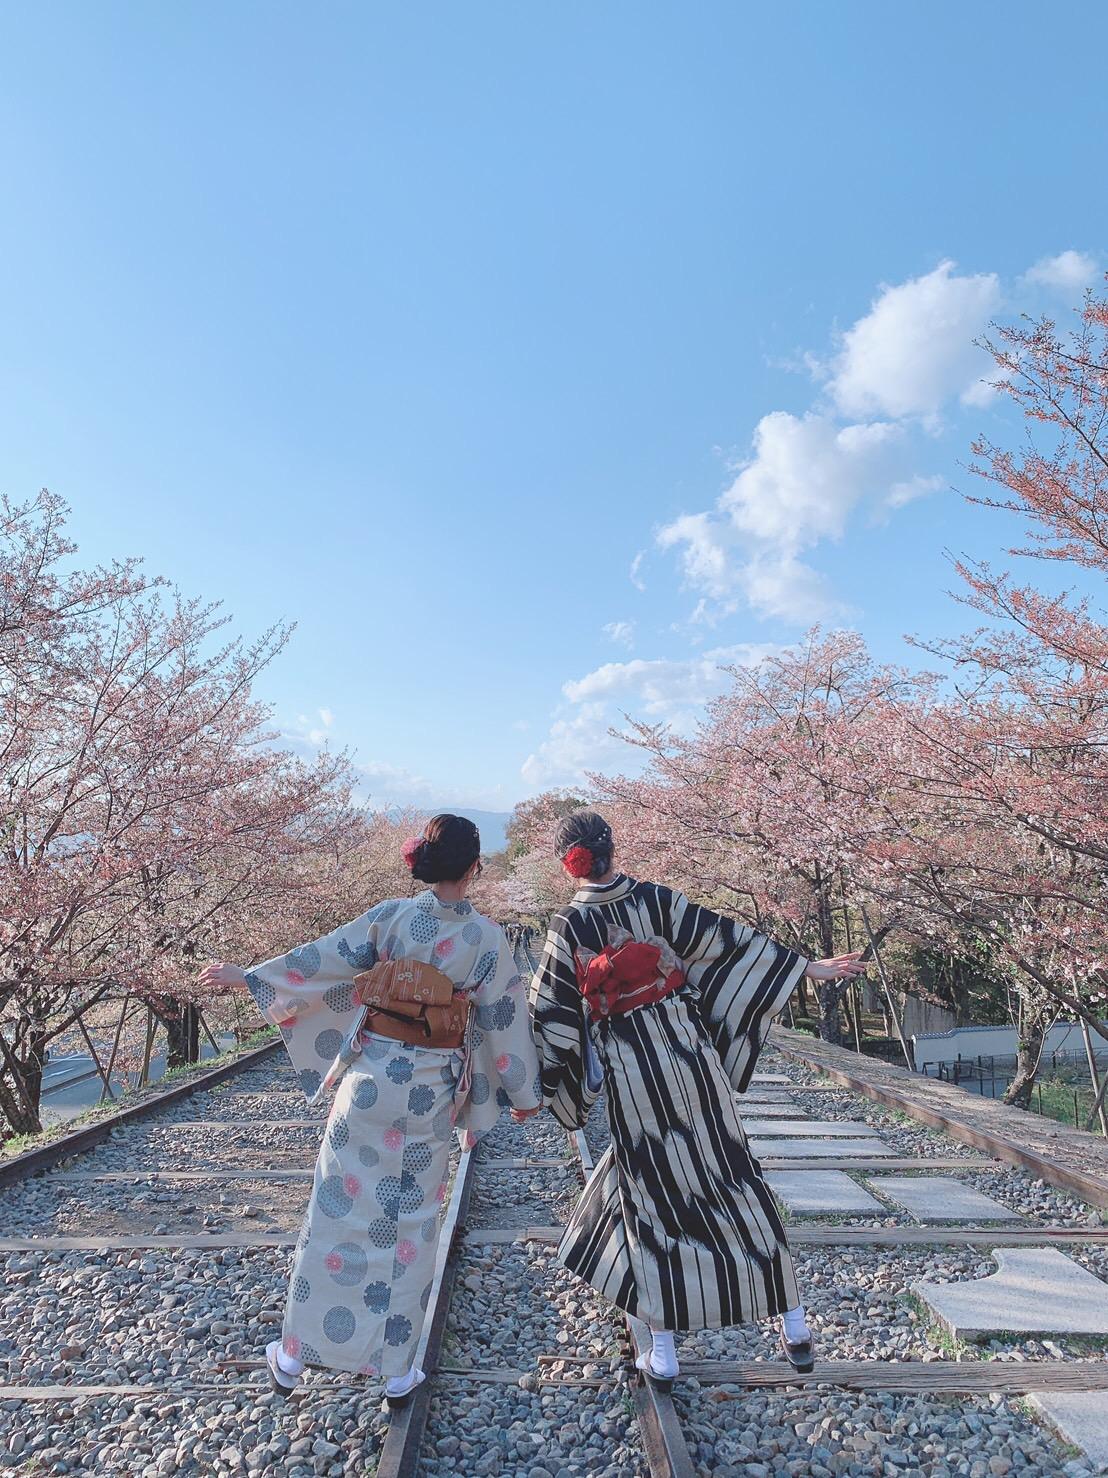 蹴上インクラインと八坂庚申堂へ2019年4月15日12